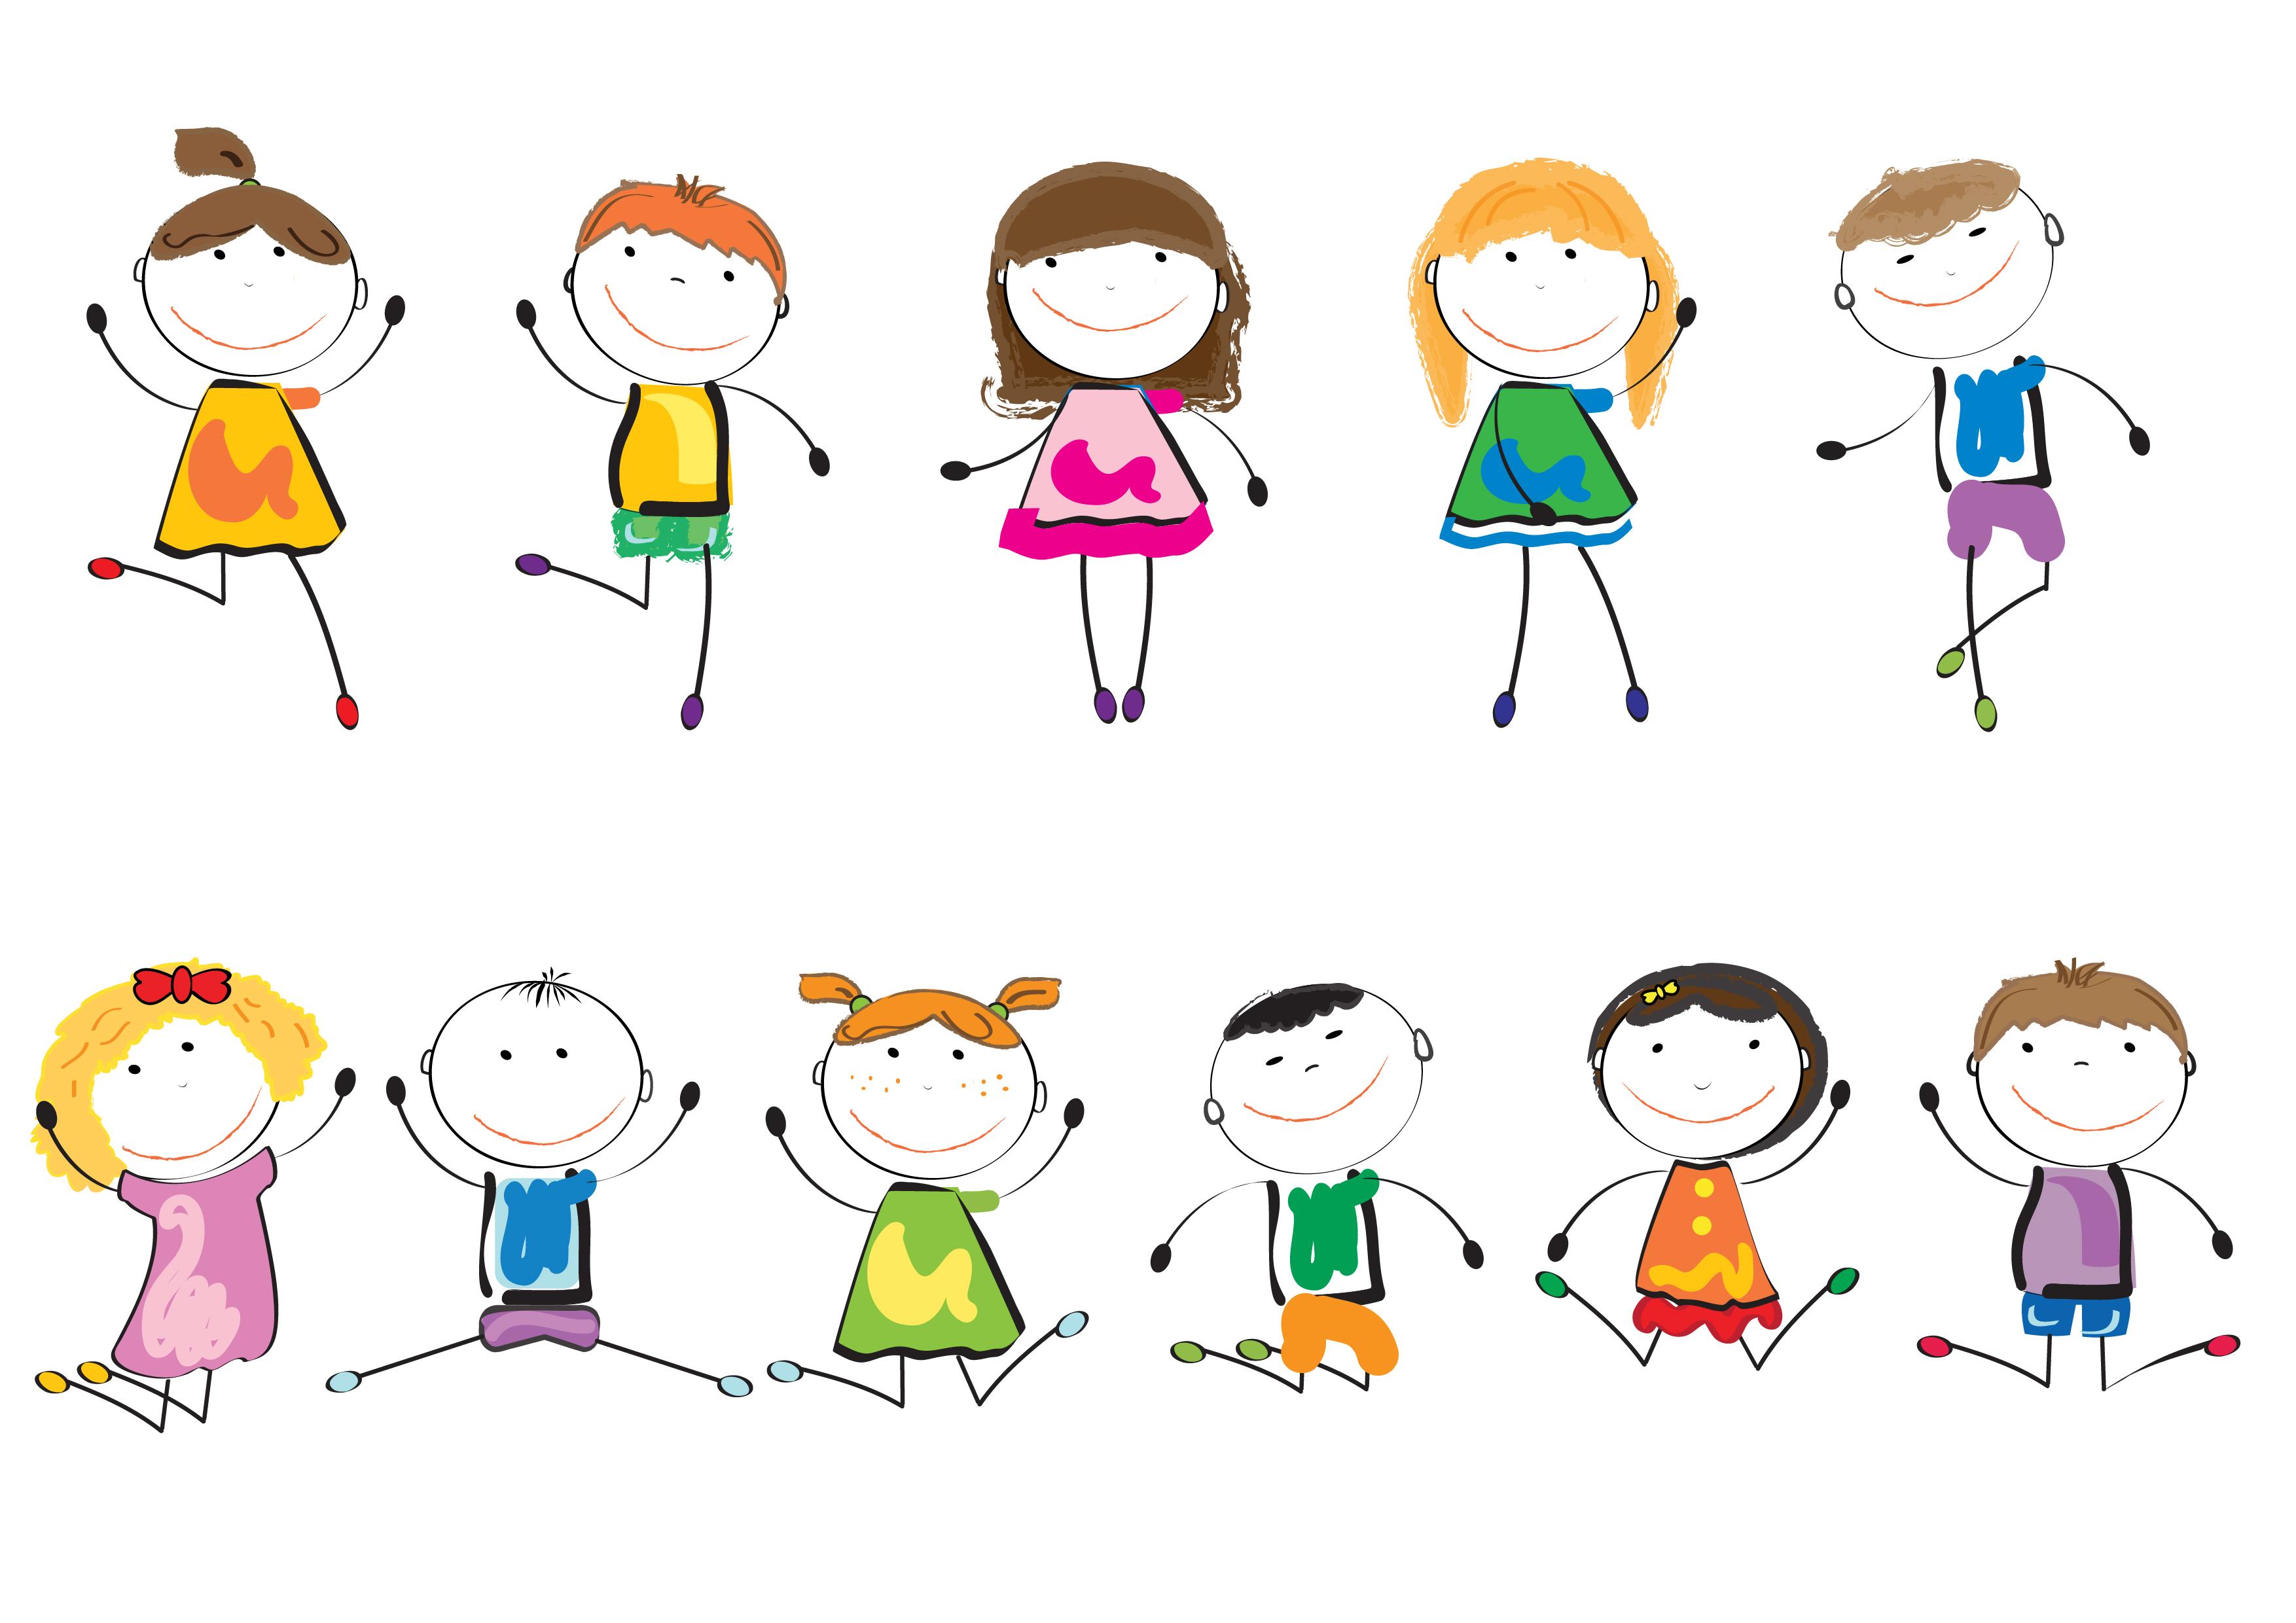 多动作,多表情,活泼可爱的手绘卡通人物